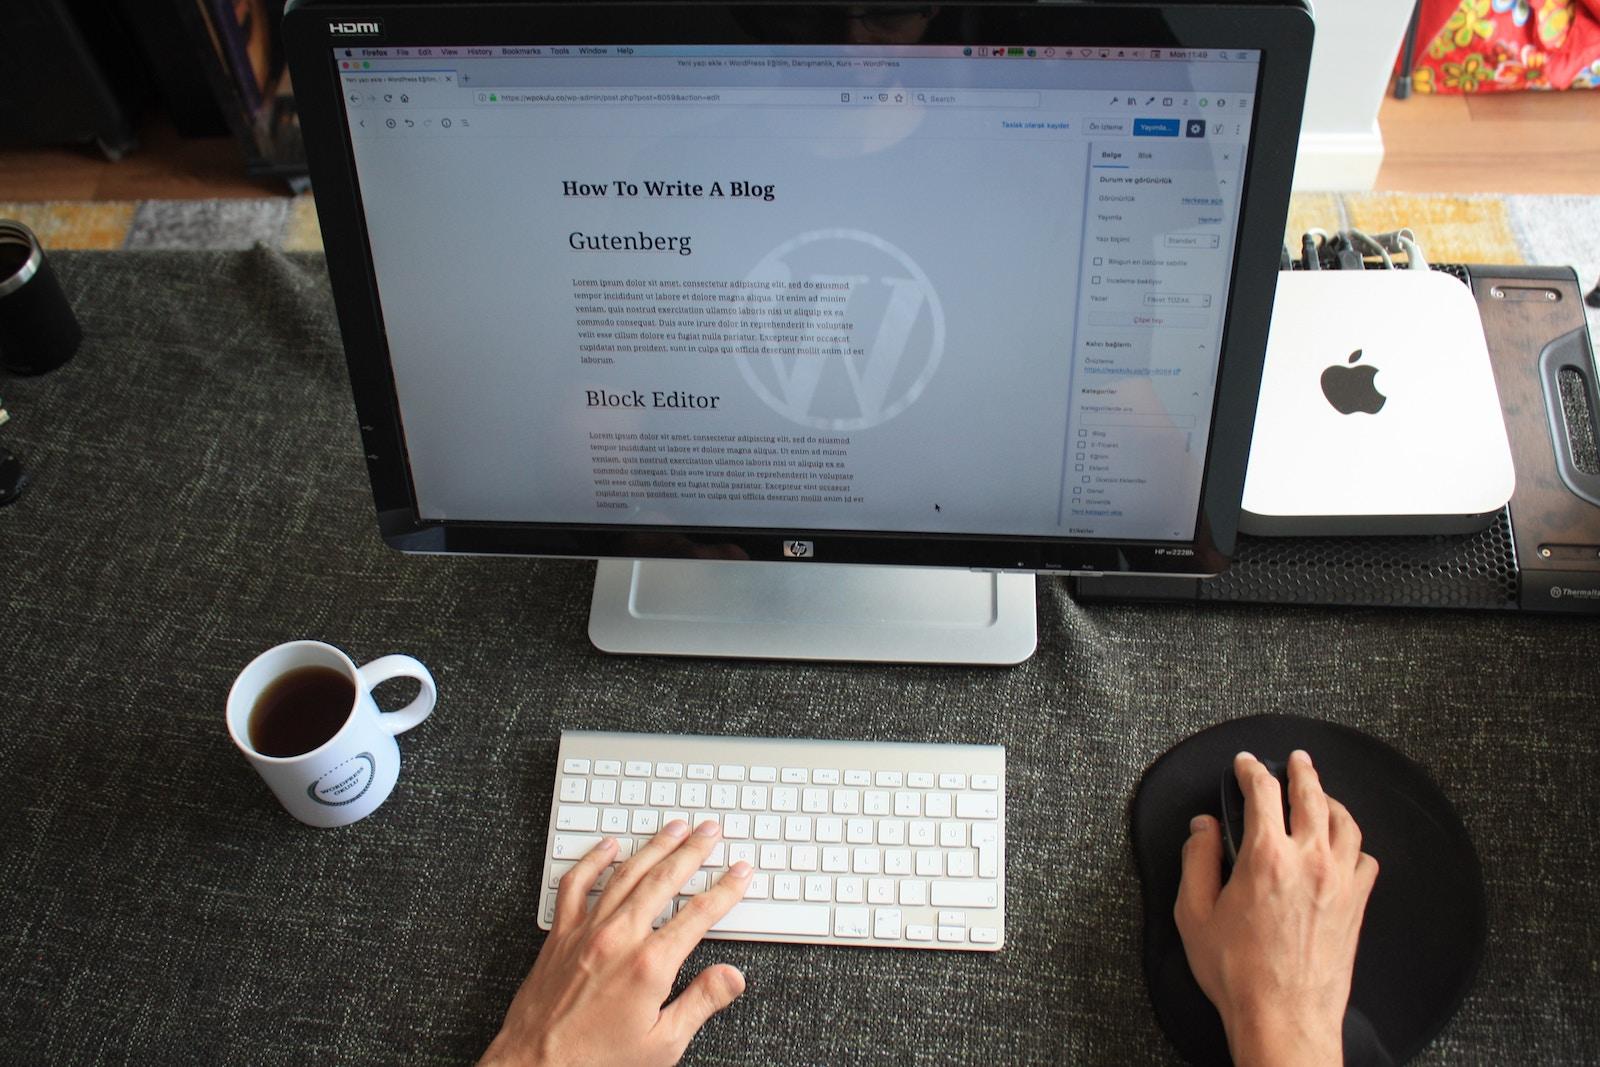 クライアント向けに納品したワードプレスの管理画面を使いやすく完全カスタマイズする方法